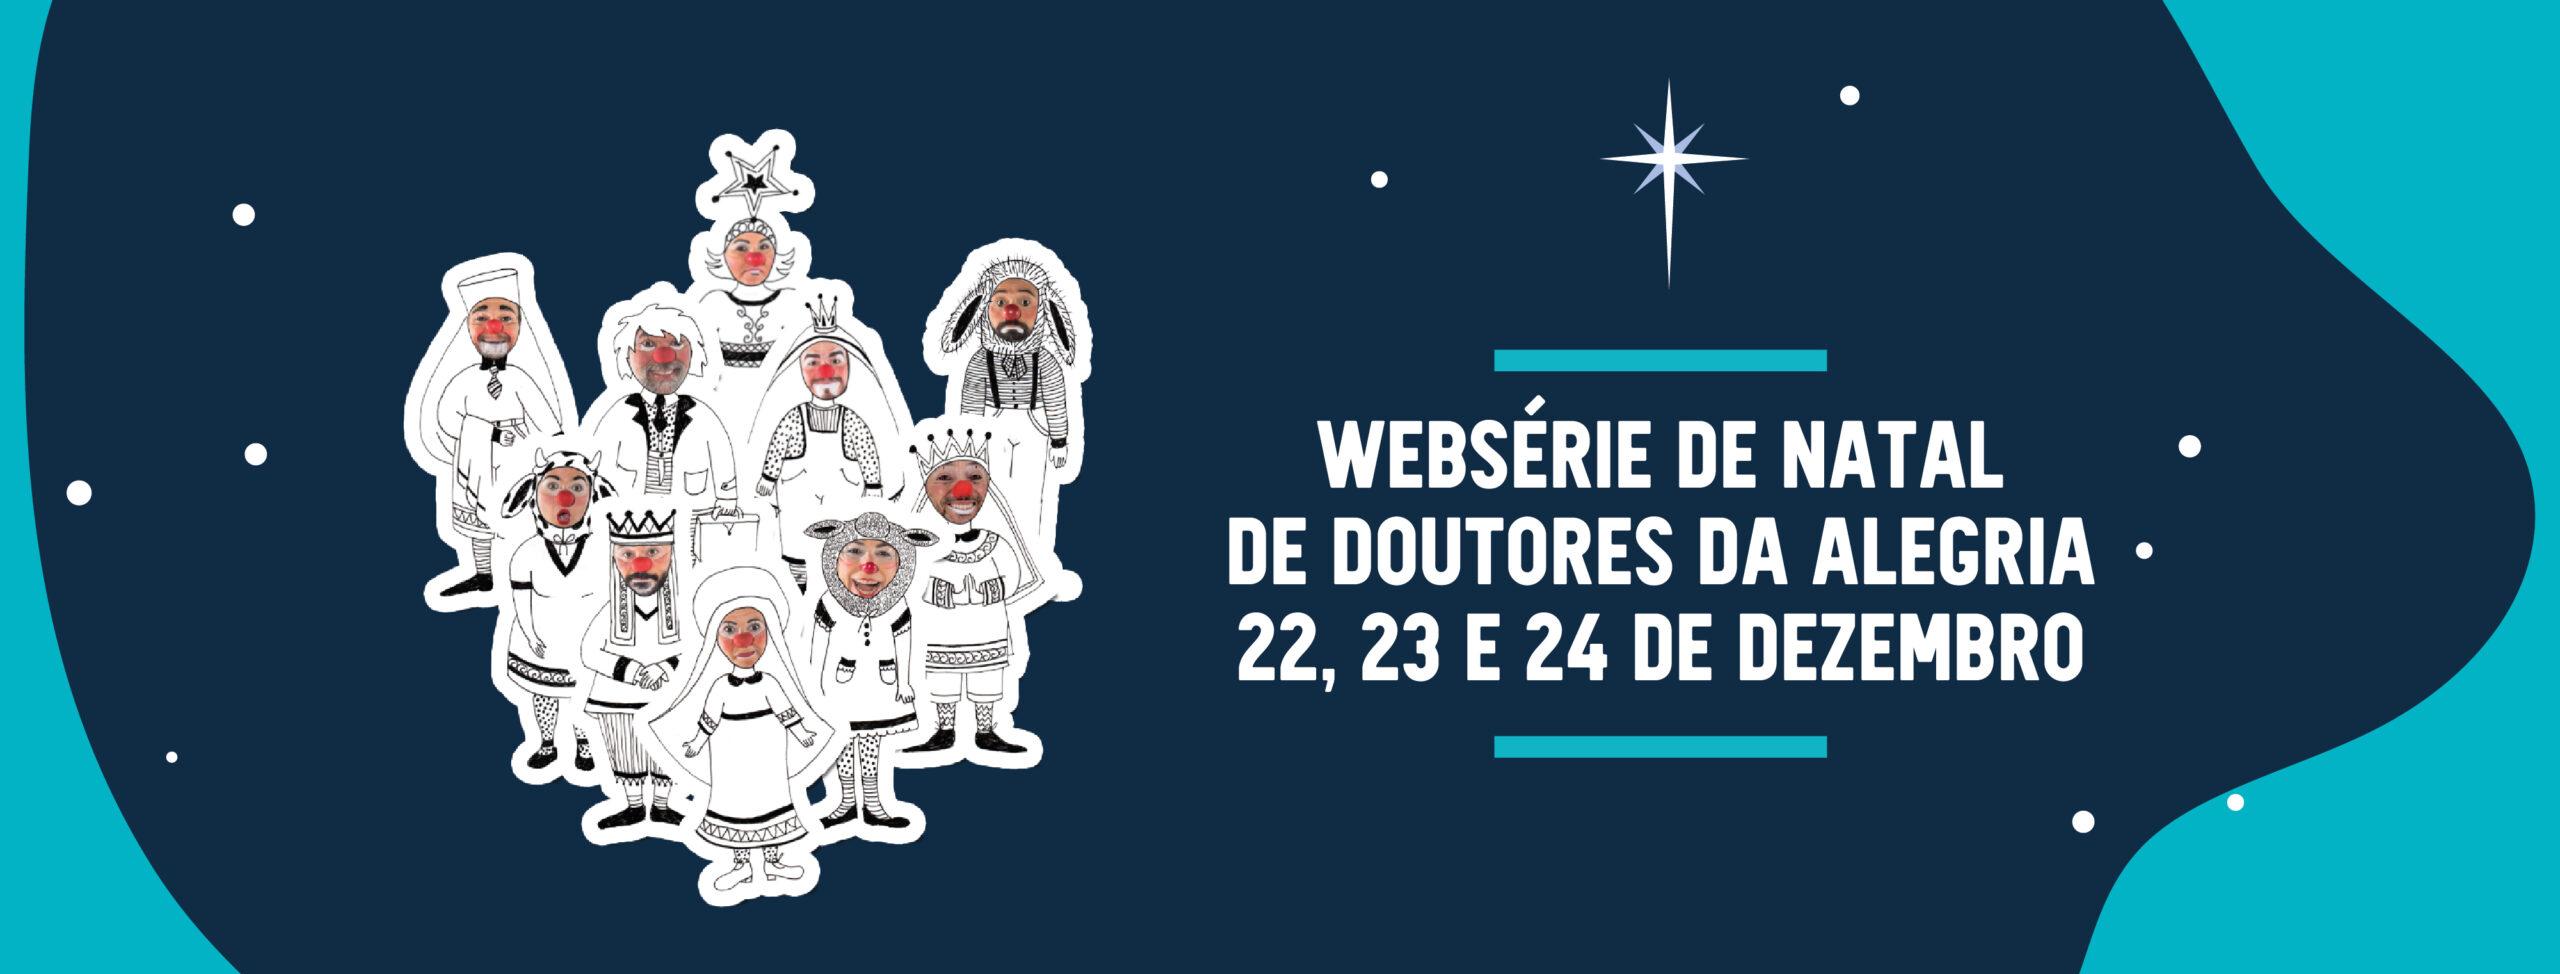 Auto de Natal vira websérie com estreia em 22 de dezembro